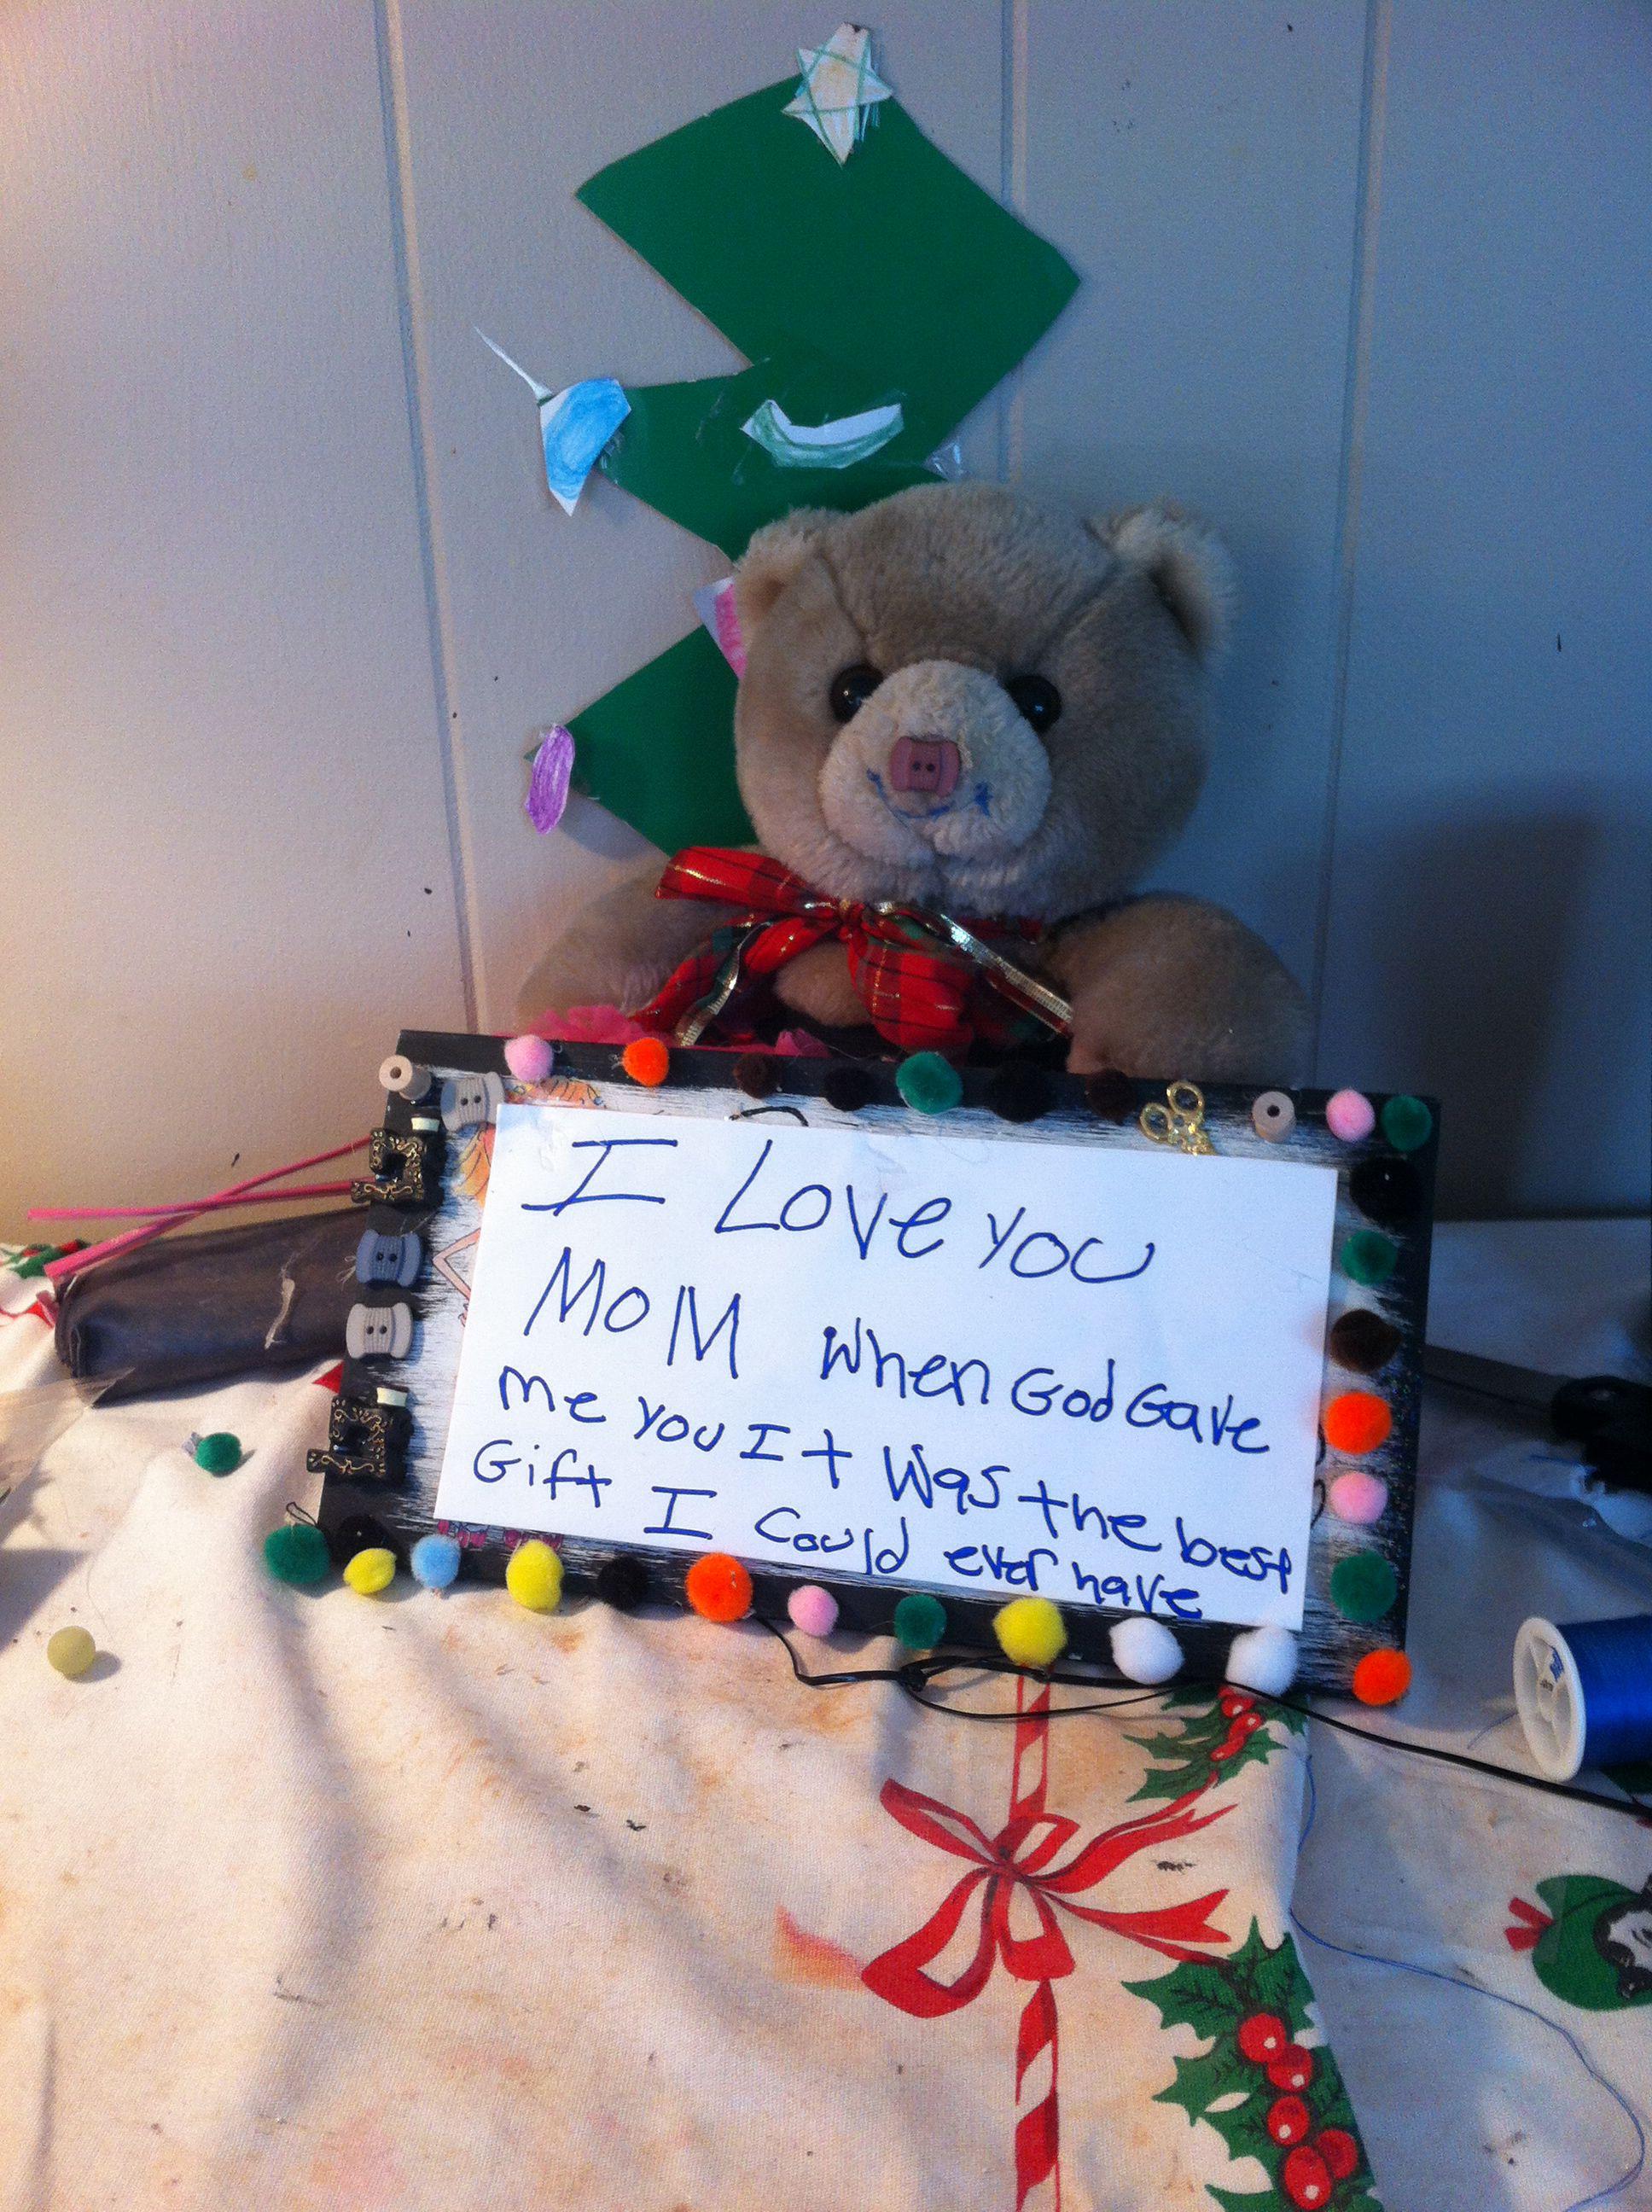 Mom or child hommade gift